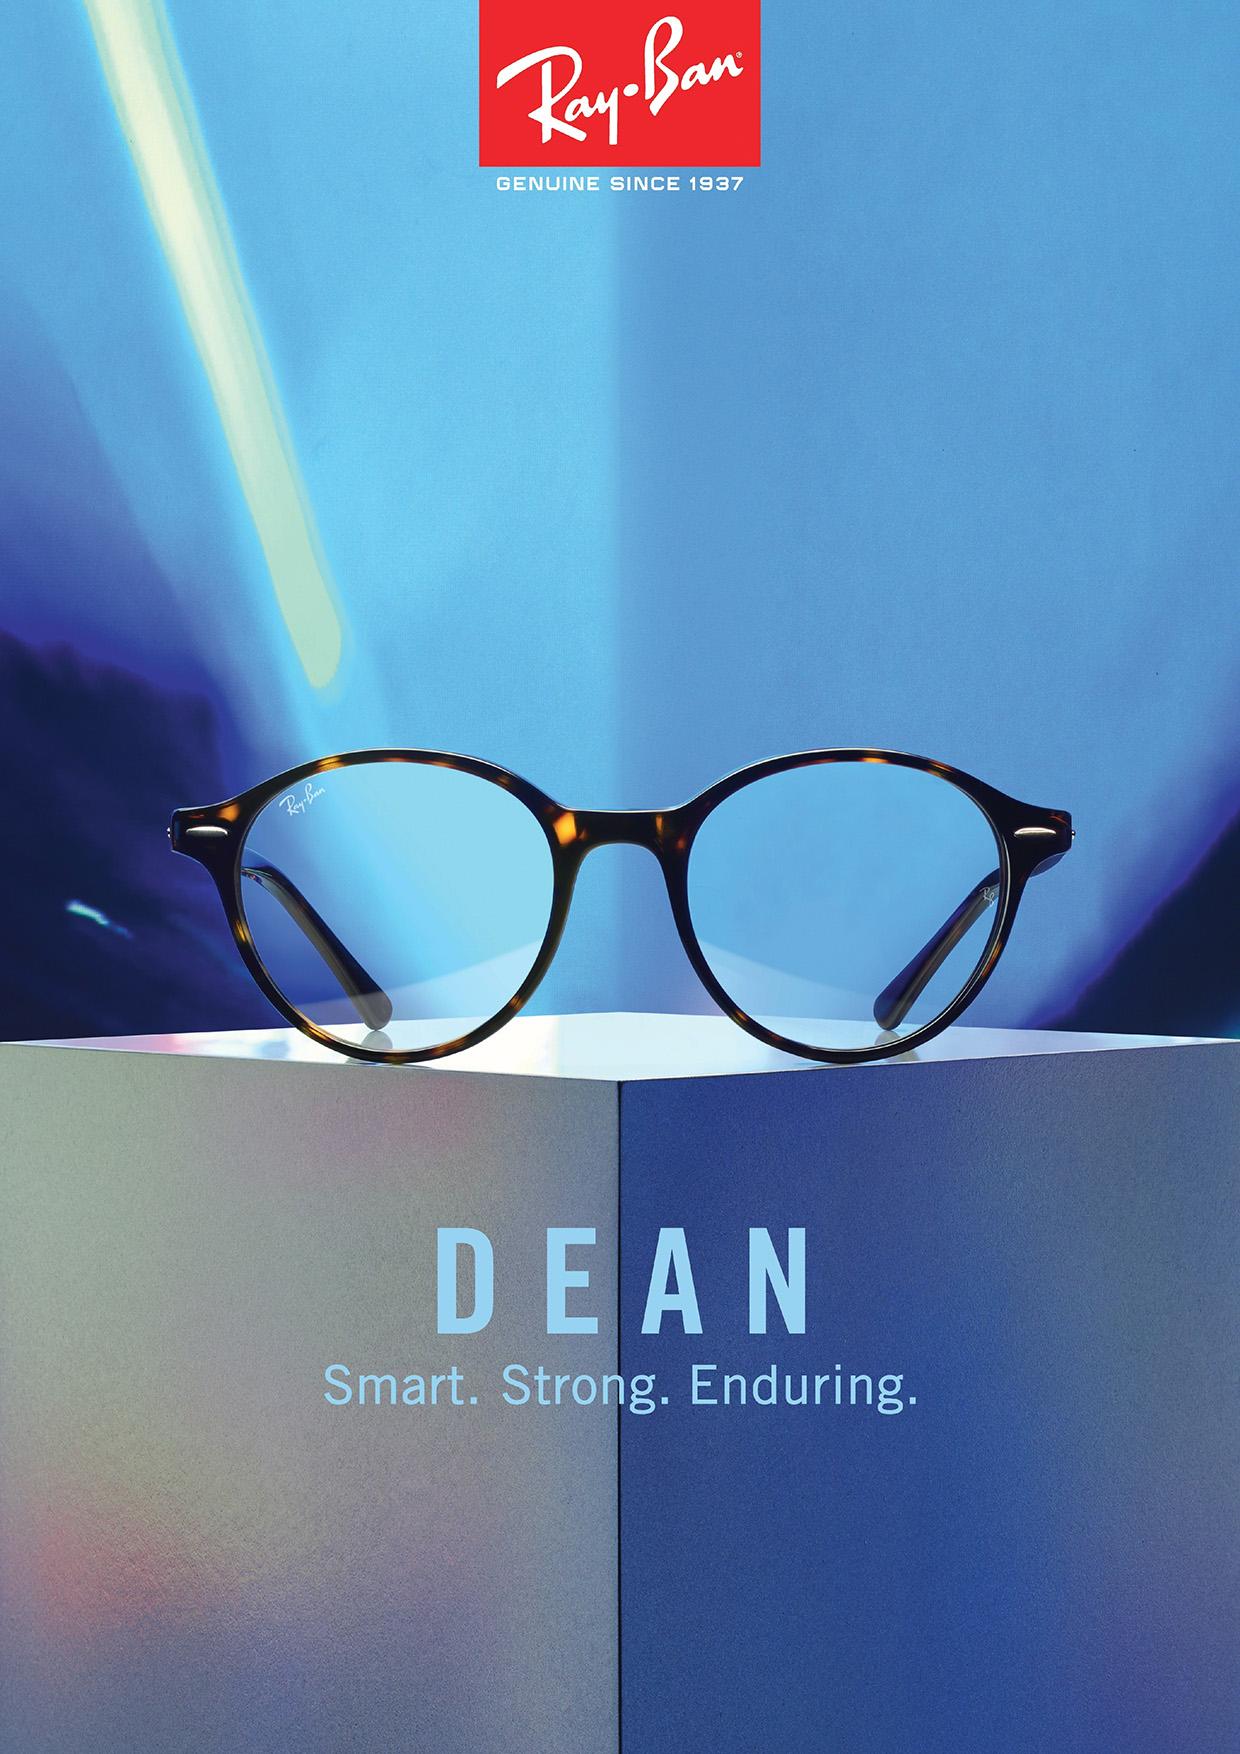 Ray-Ban Dean